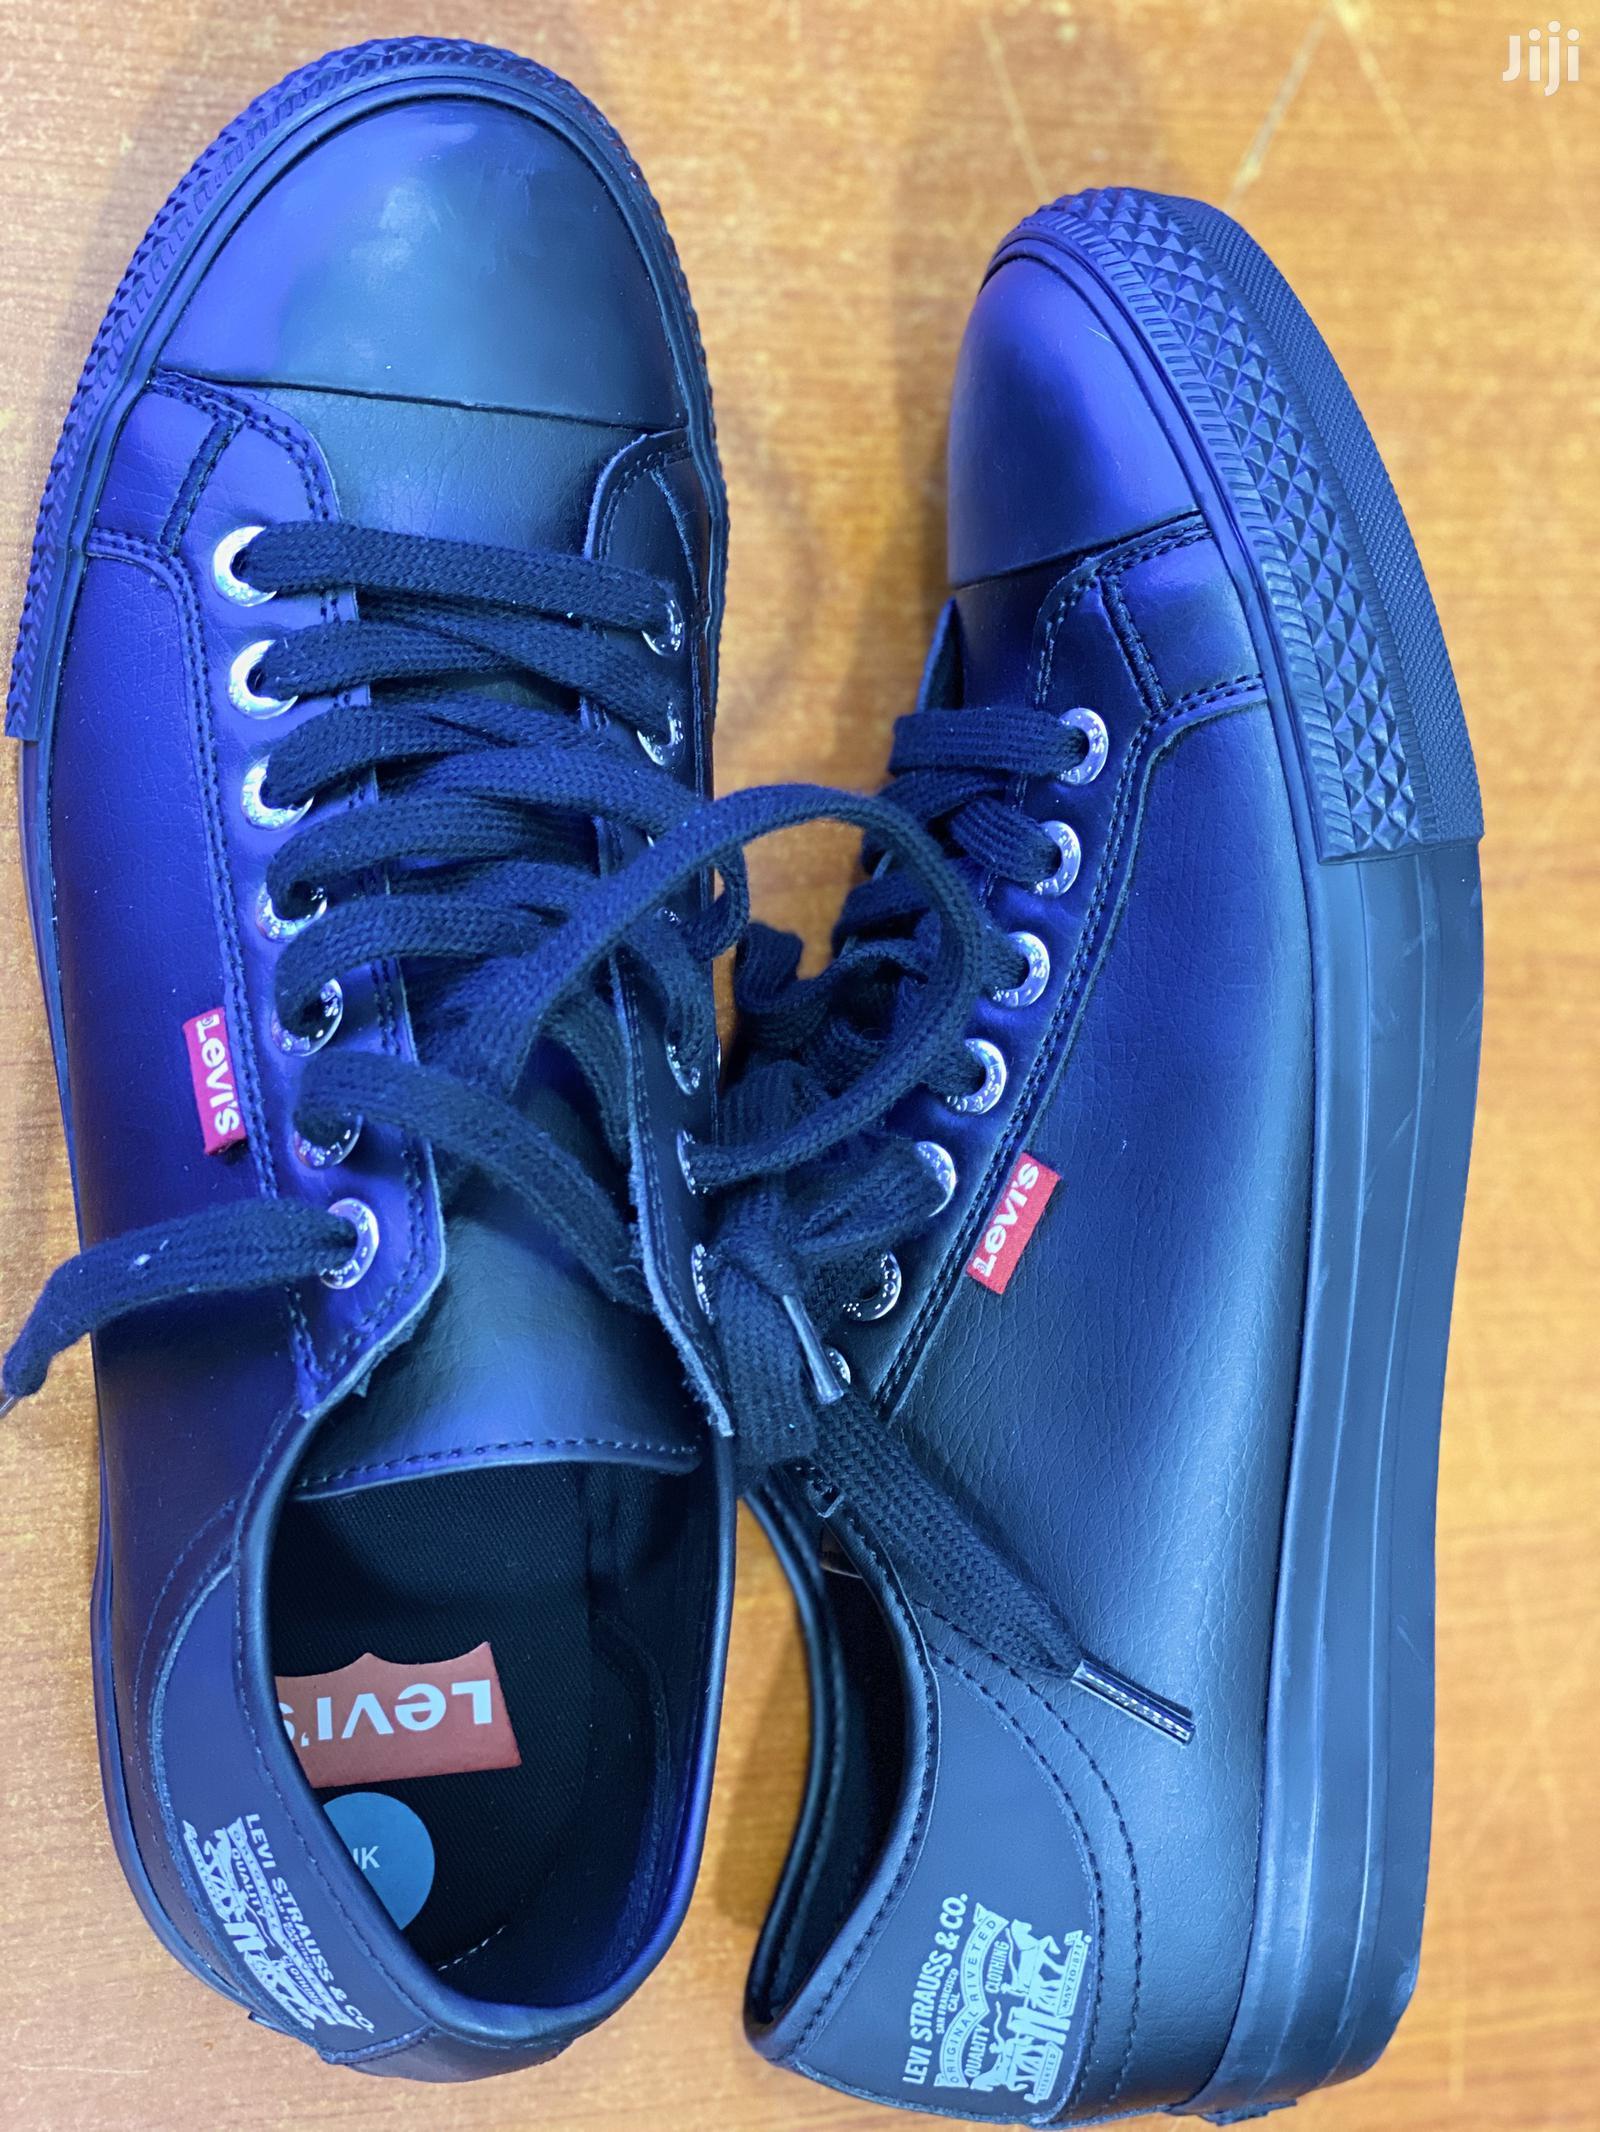 Original Shoes for Men   Shoes for sale in Kampala, Central Region, Uganda